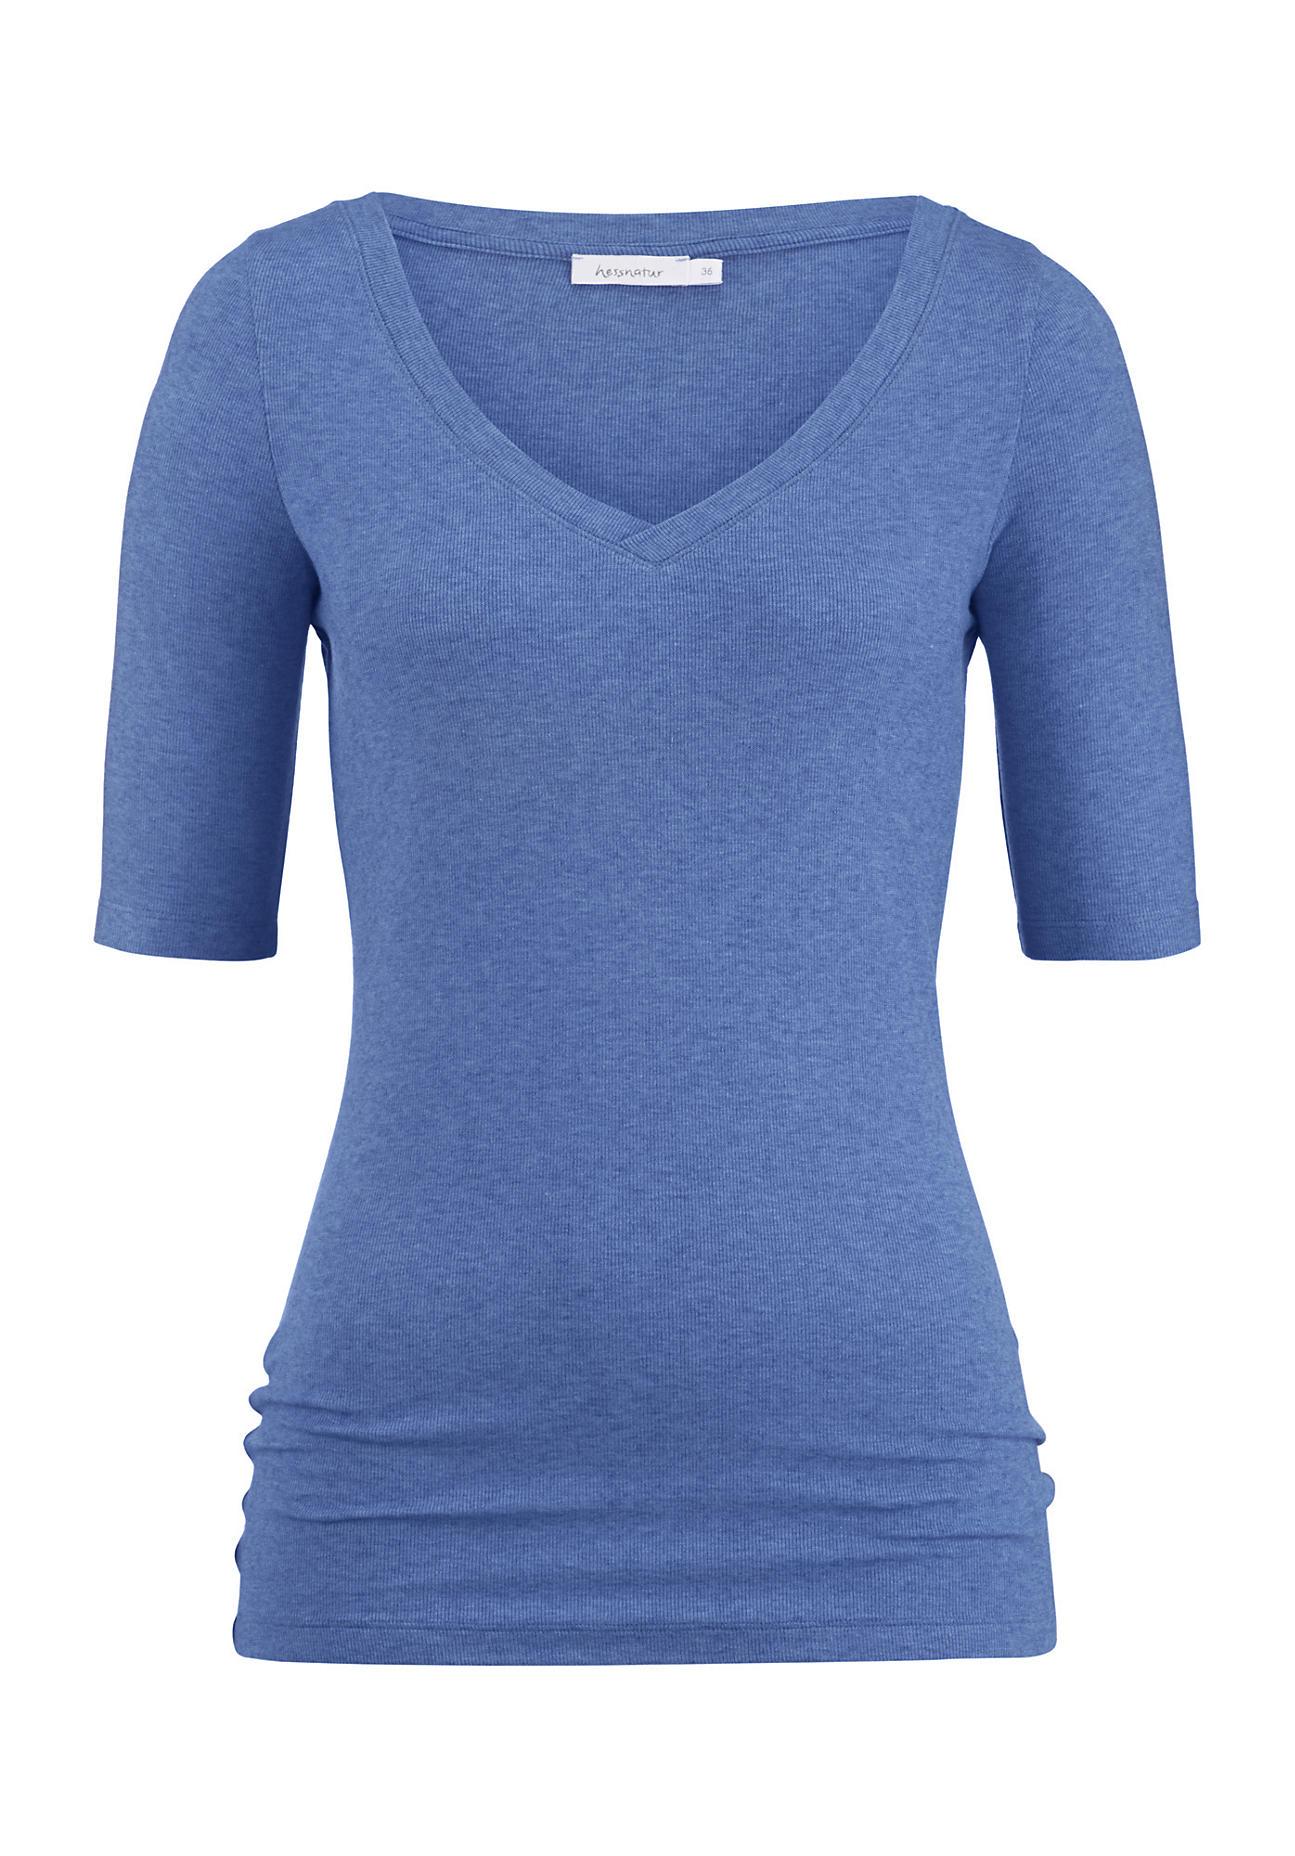 Damen Damenshirt Shirt T-Shirt Top NEU Benetton Lila Größe 36 S 38 M